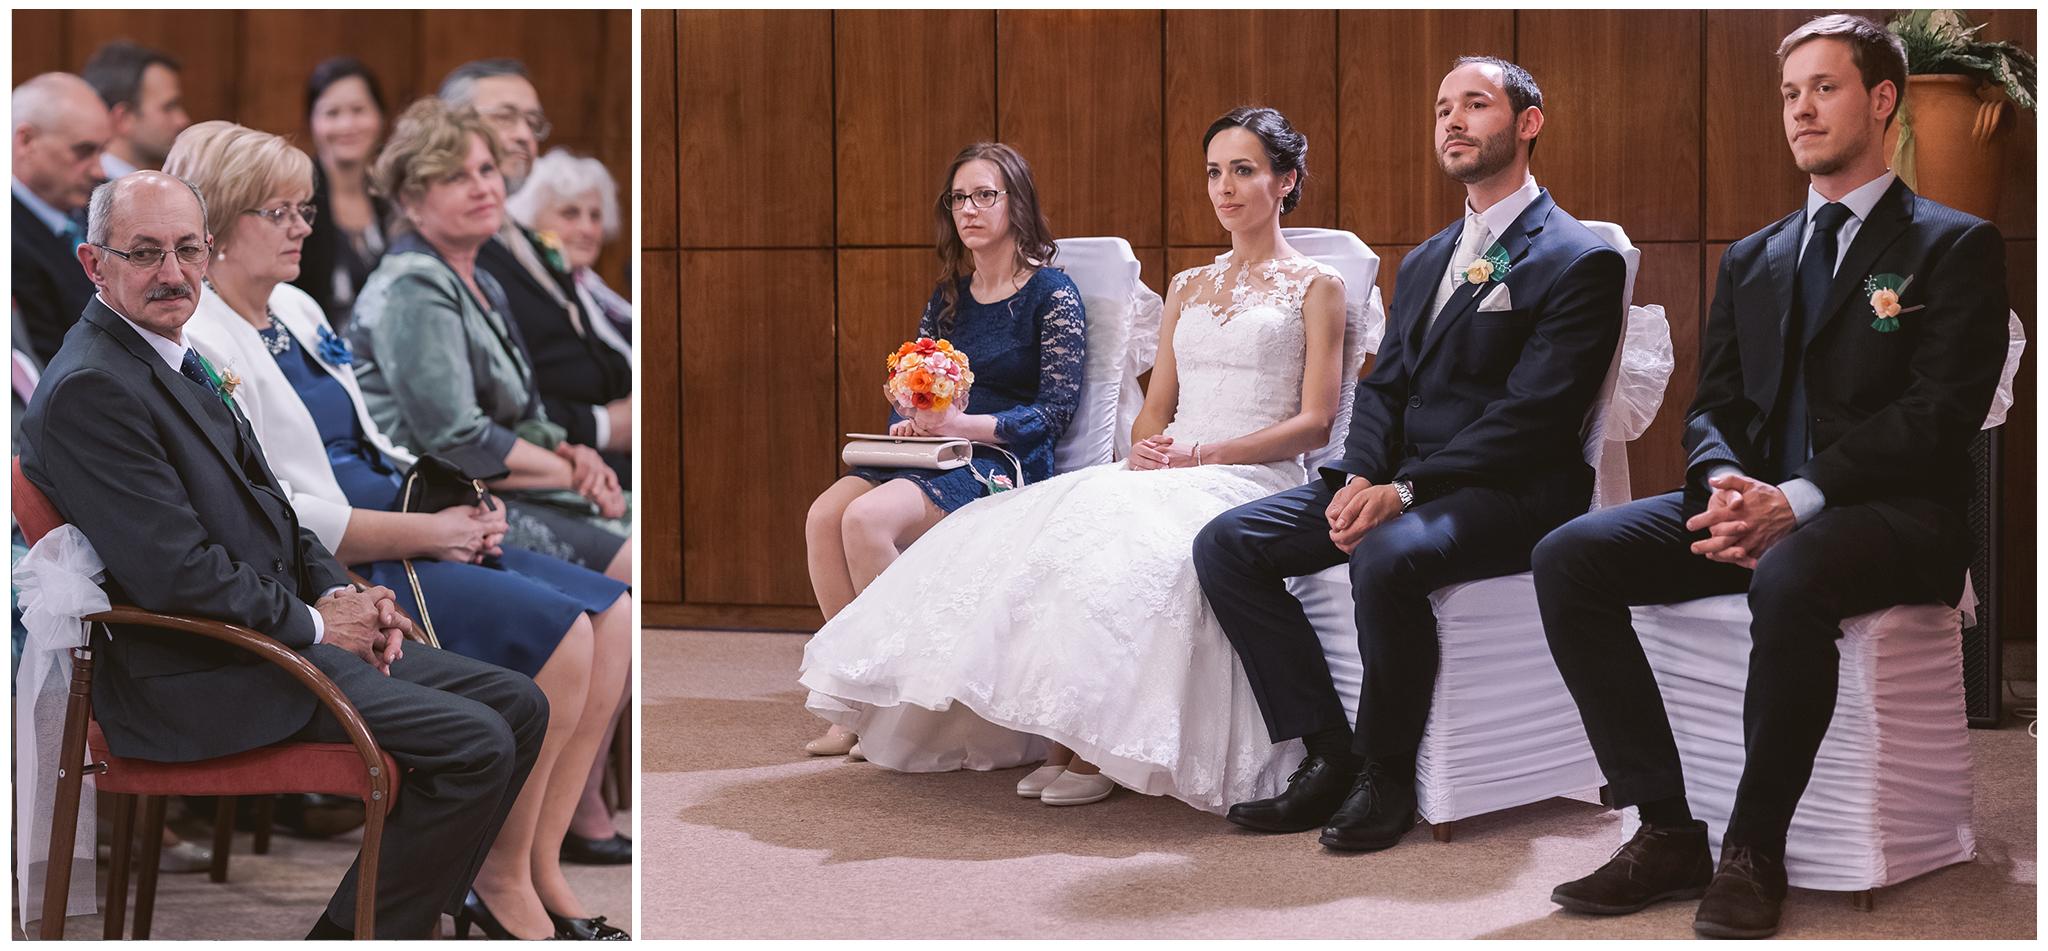 FylepPhoto, esküvőfotós, esküvői fotós Körmend, Szombathely, esküvőfotózás, magyarország, vas megye, prémium, jegyesfotózás, Fülöp Péter, körmend, kreatív, fotográfus_024.jpg